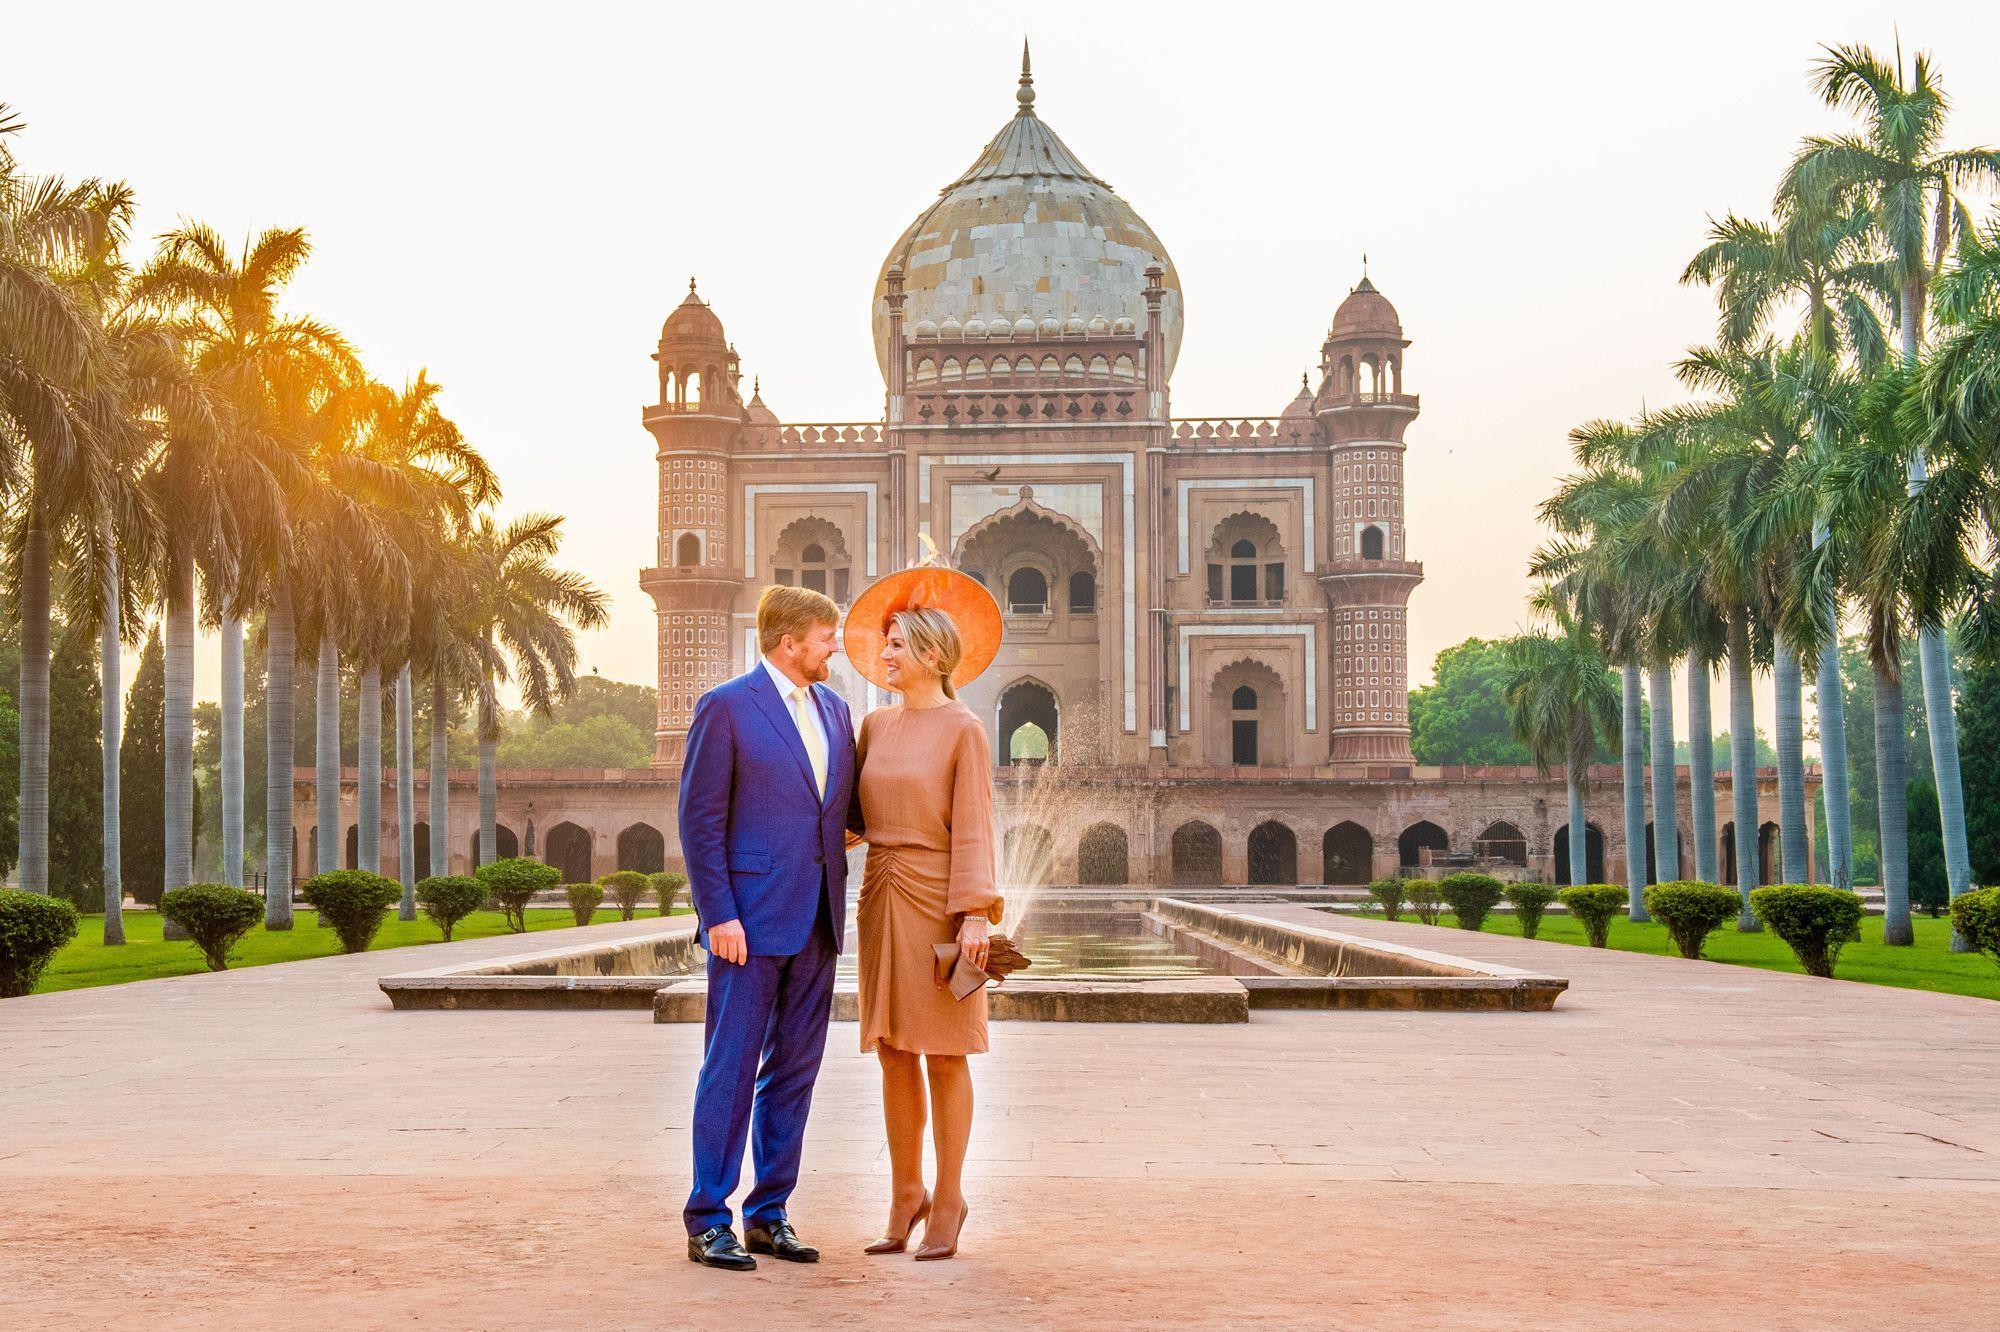 site de rencontre à New Delhi